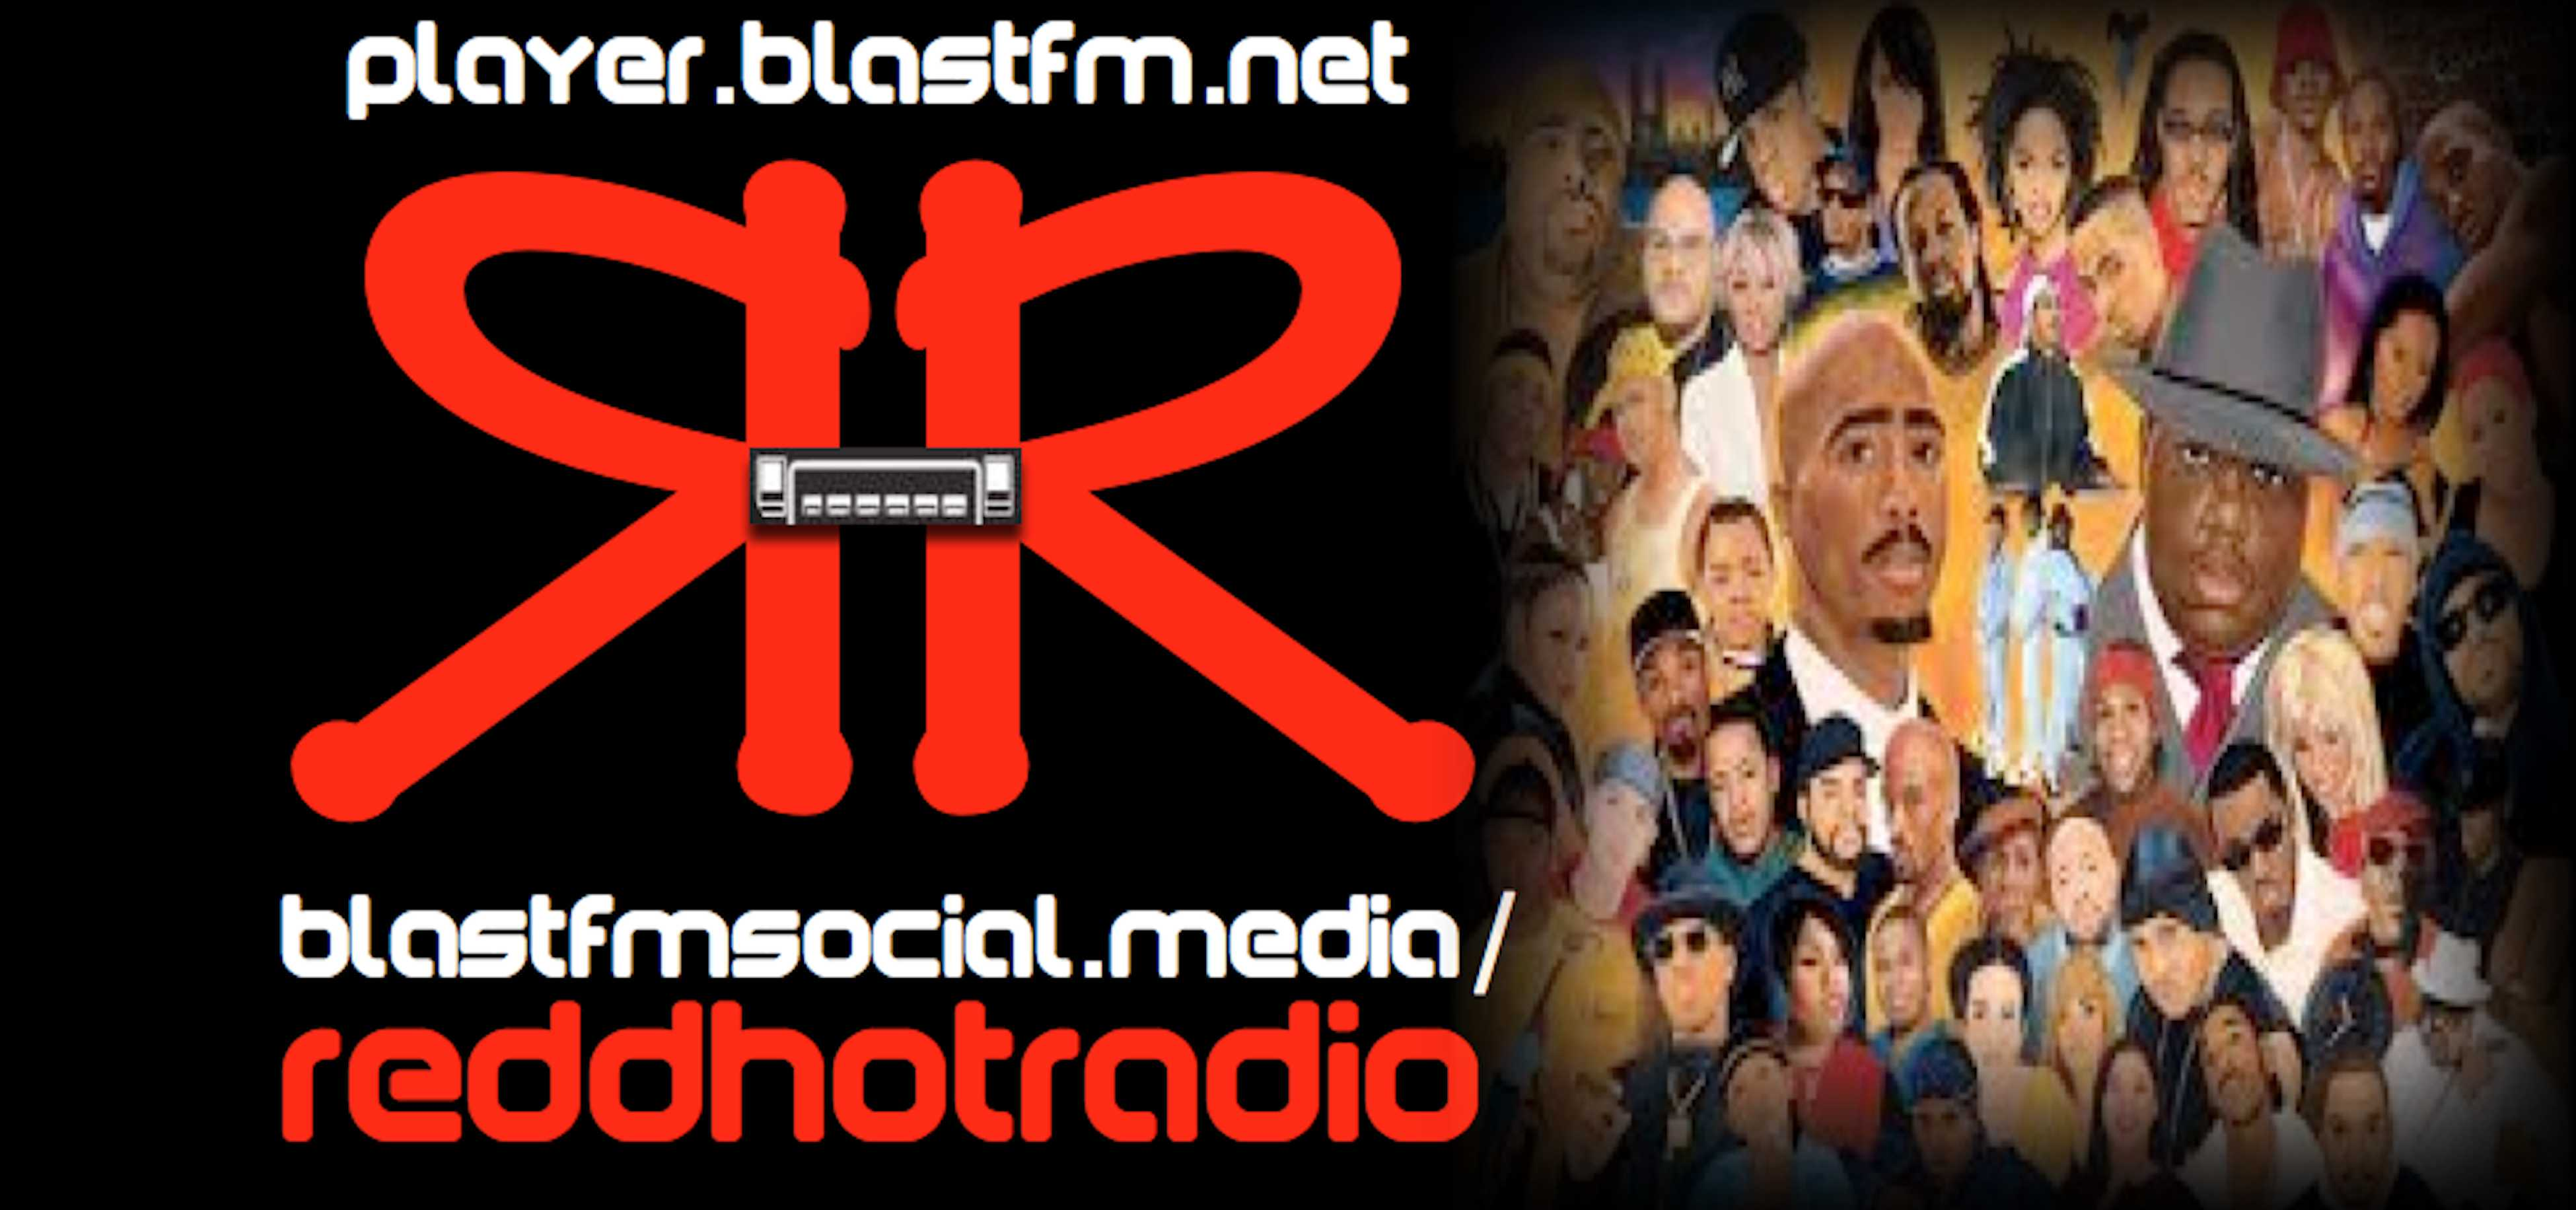 Redd Hot Radio